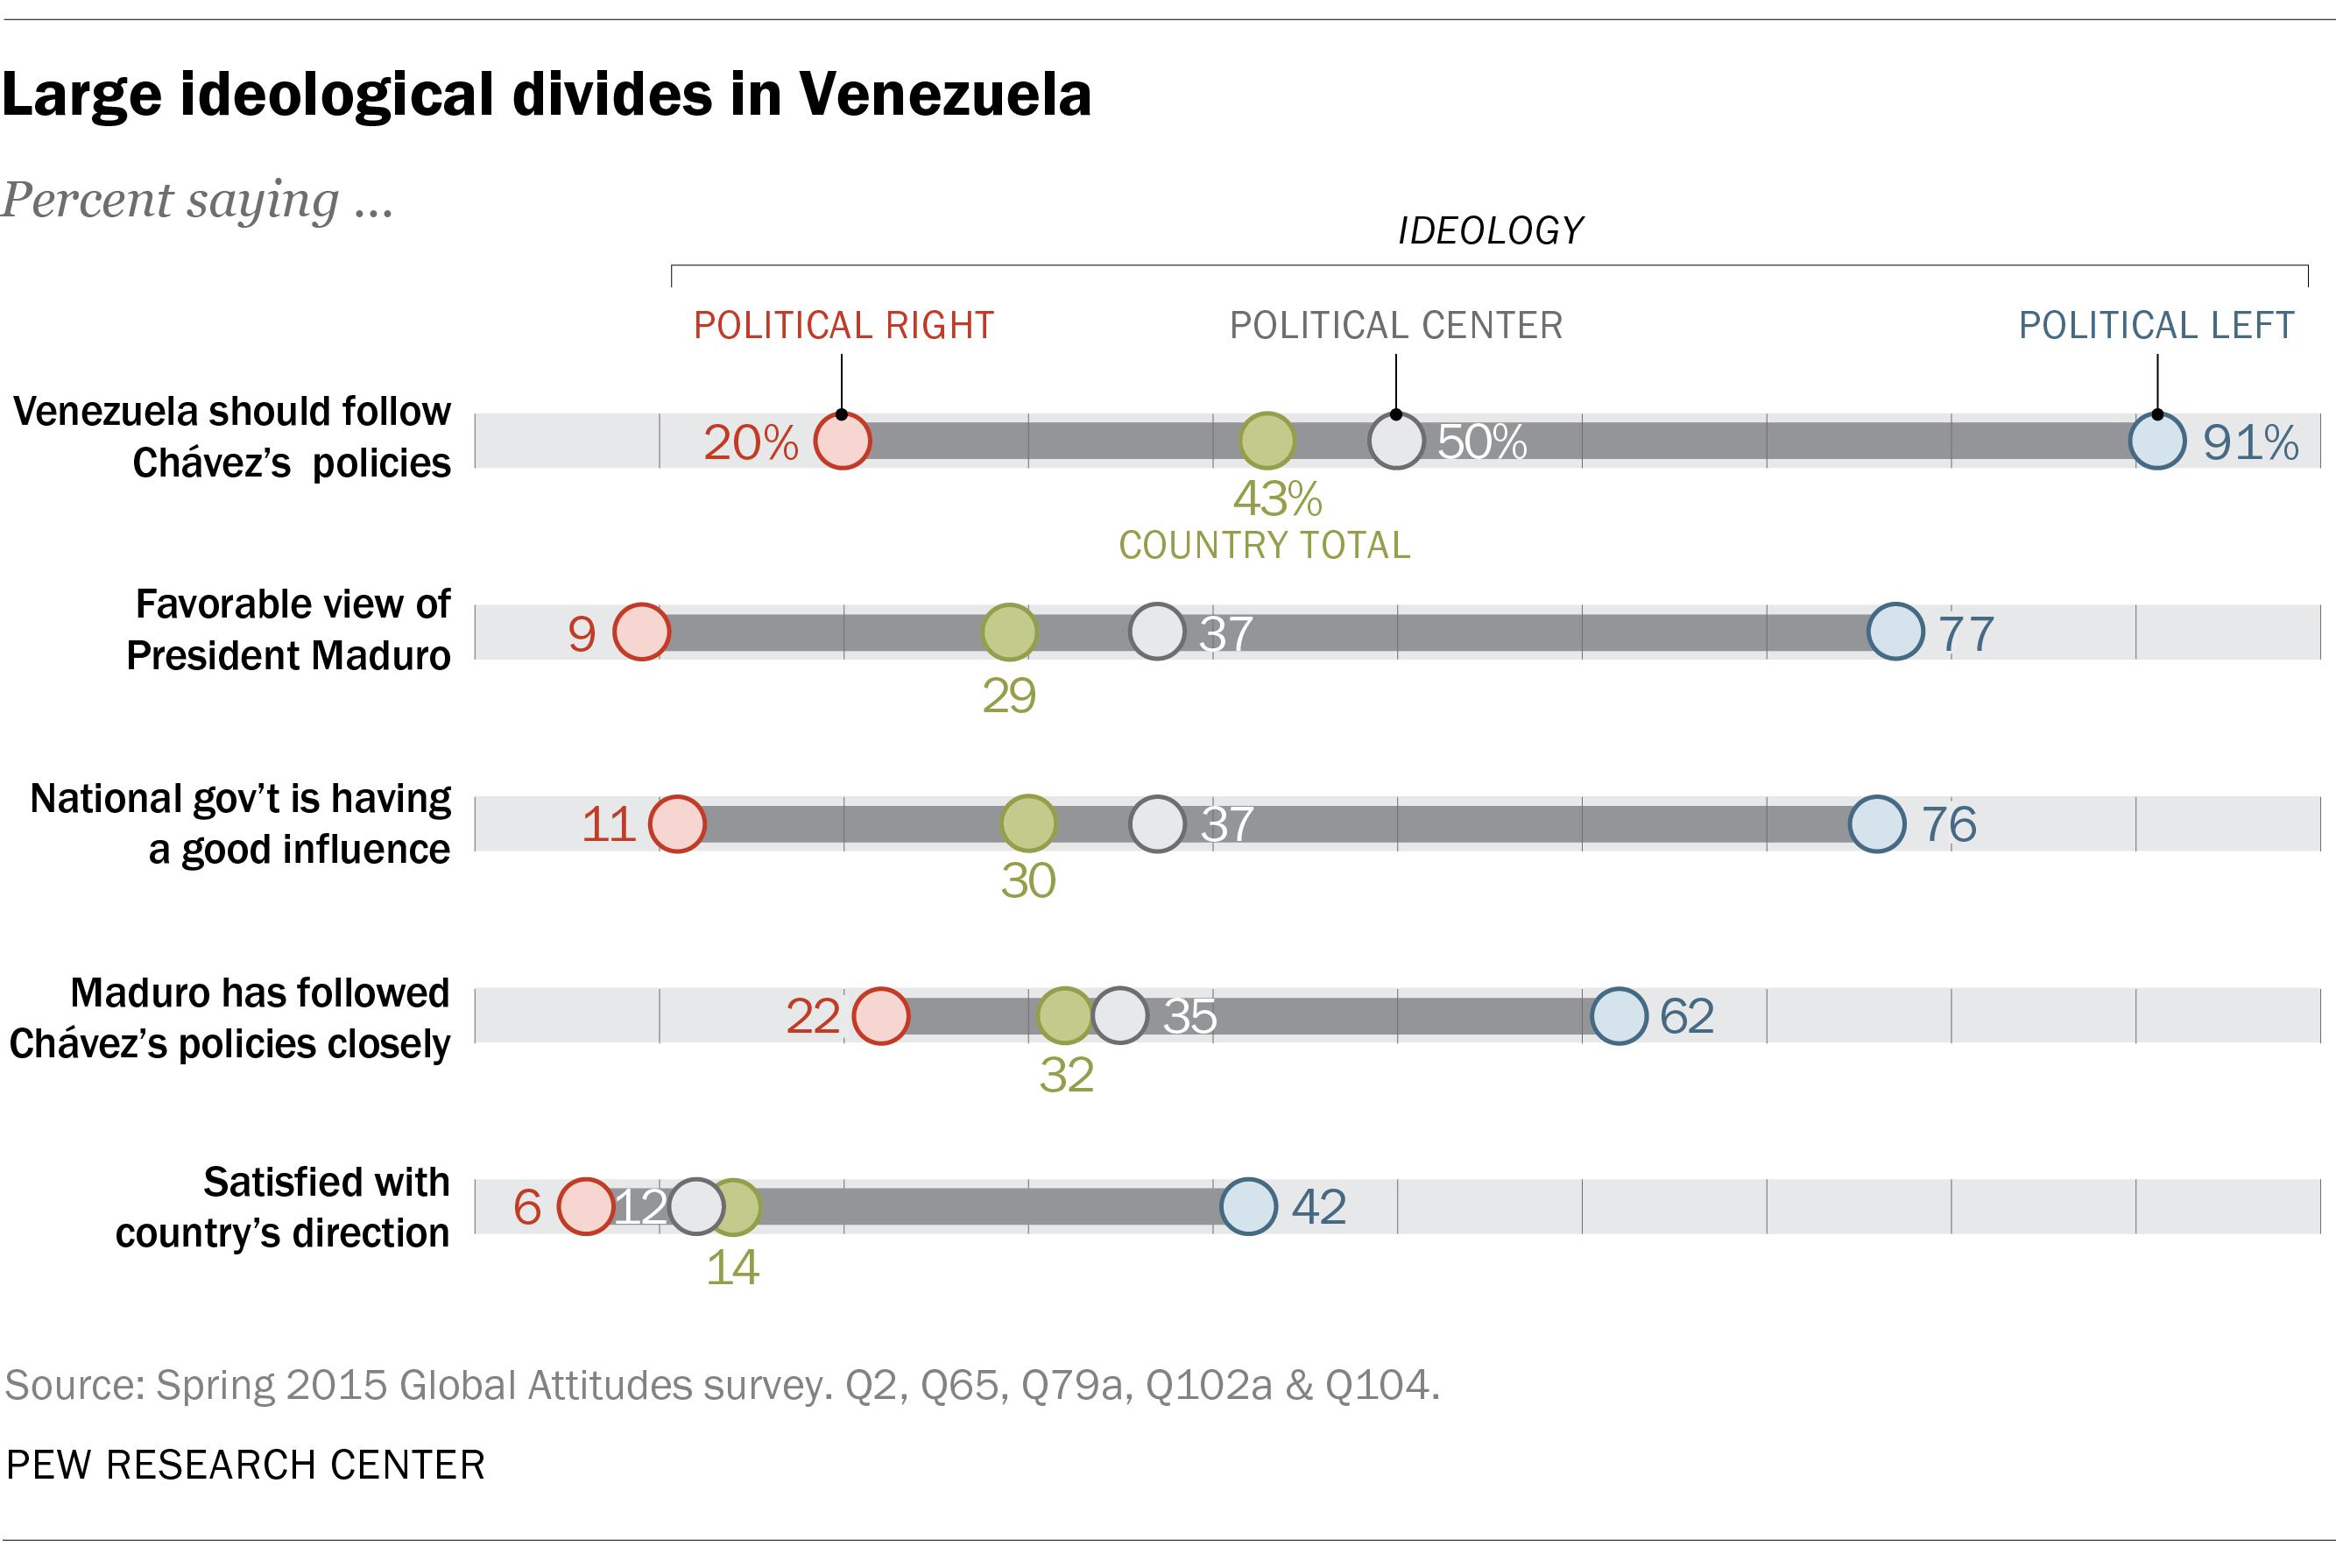 Large ideological divides in Venezuela